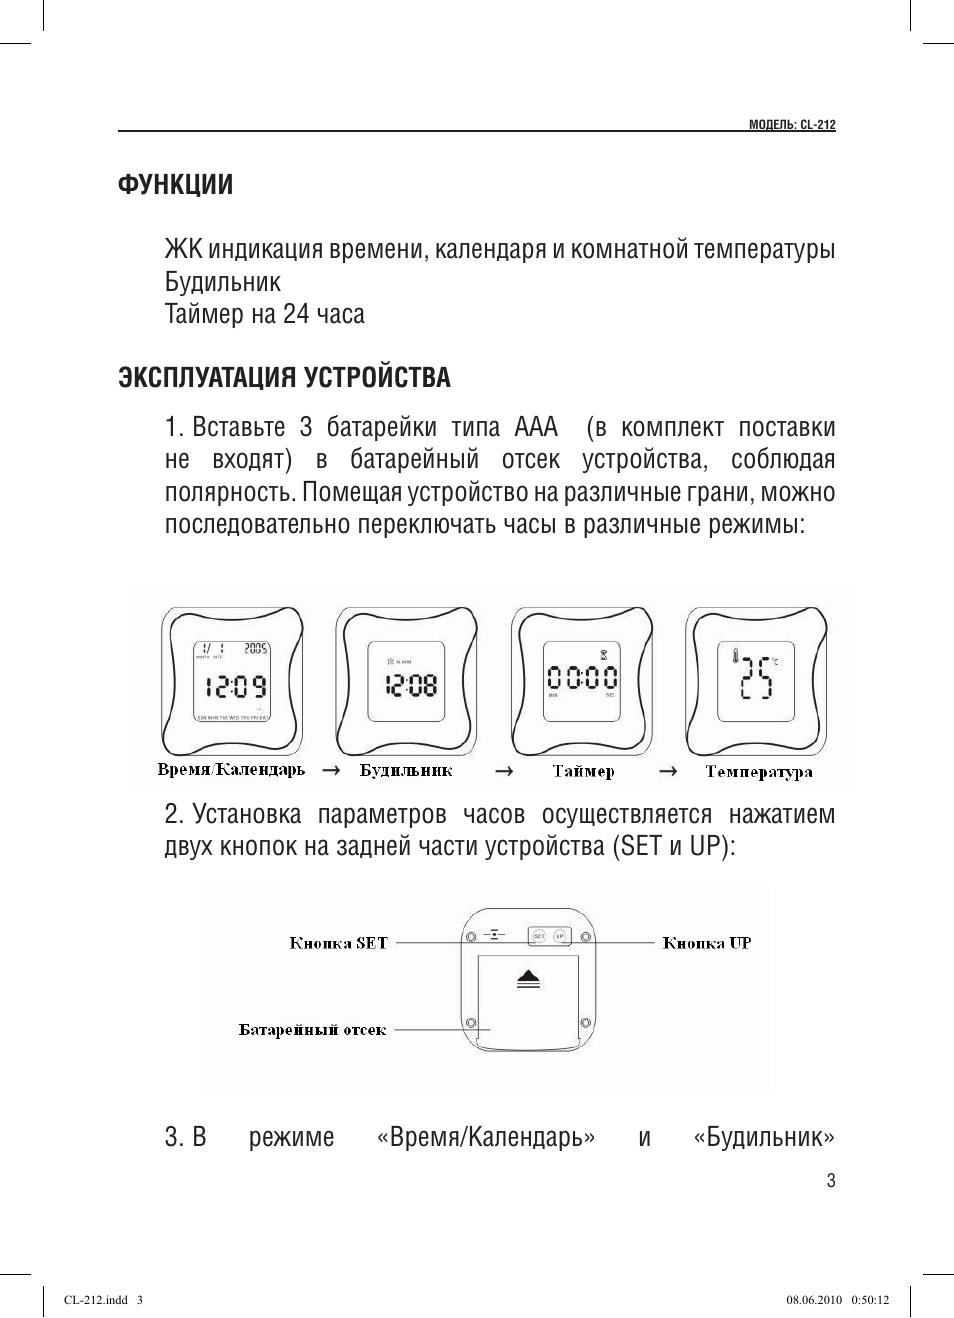 инструкция к электронным часам ролсен